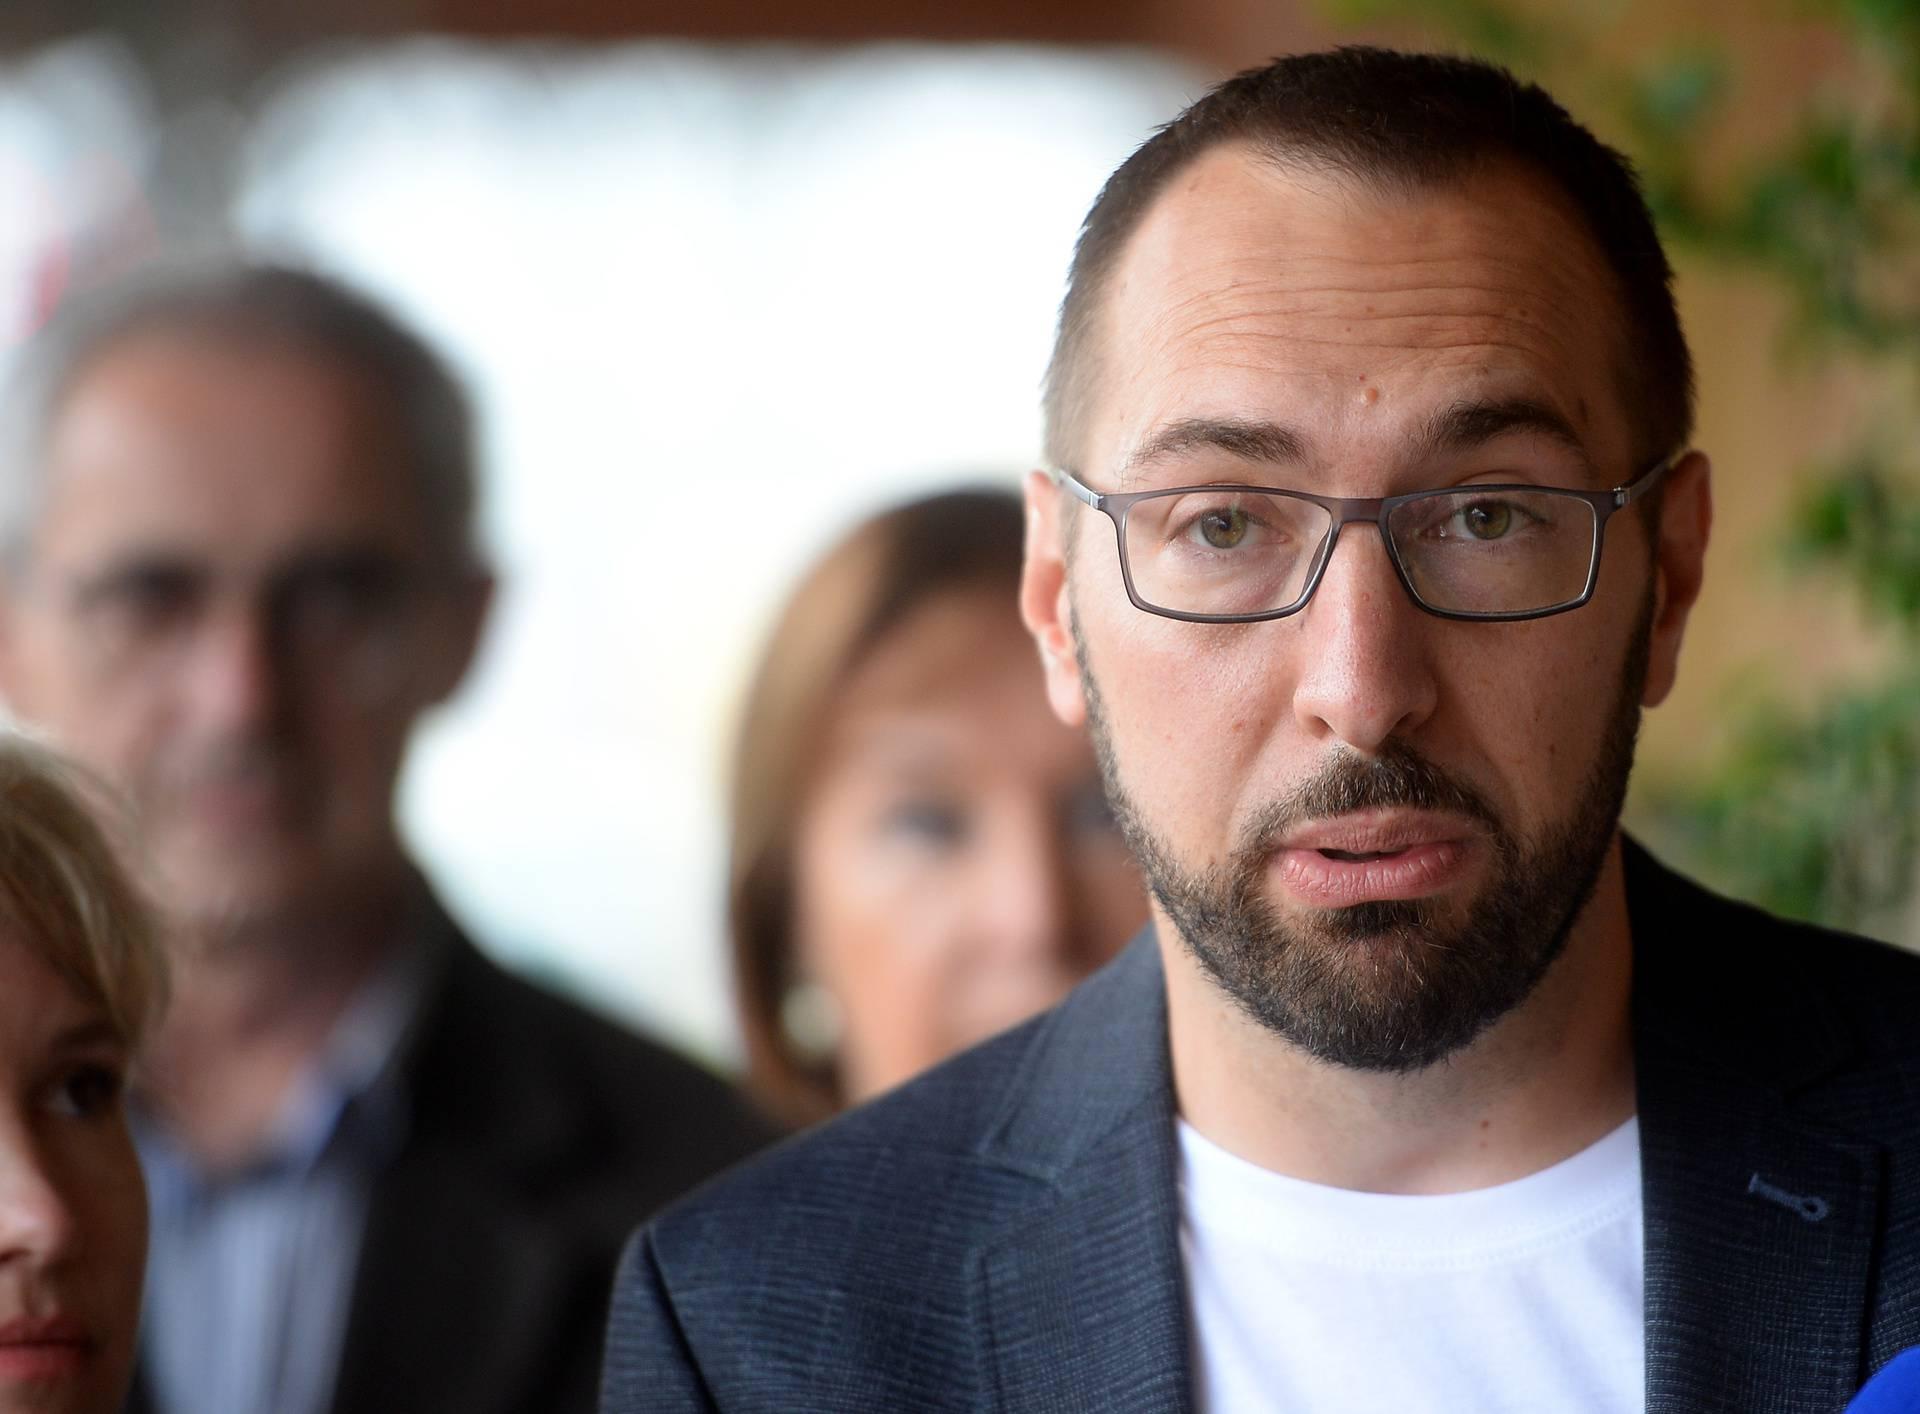 Tomašević: 'Neprihvatljivo je da privatno poduzeće raspolaže s tim podacima, to nema nigdje'